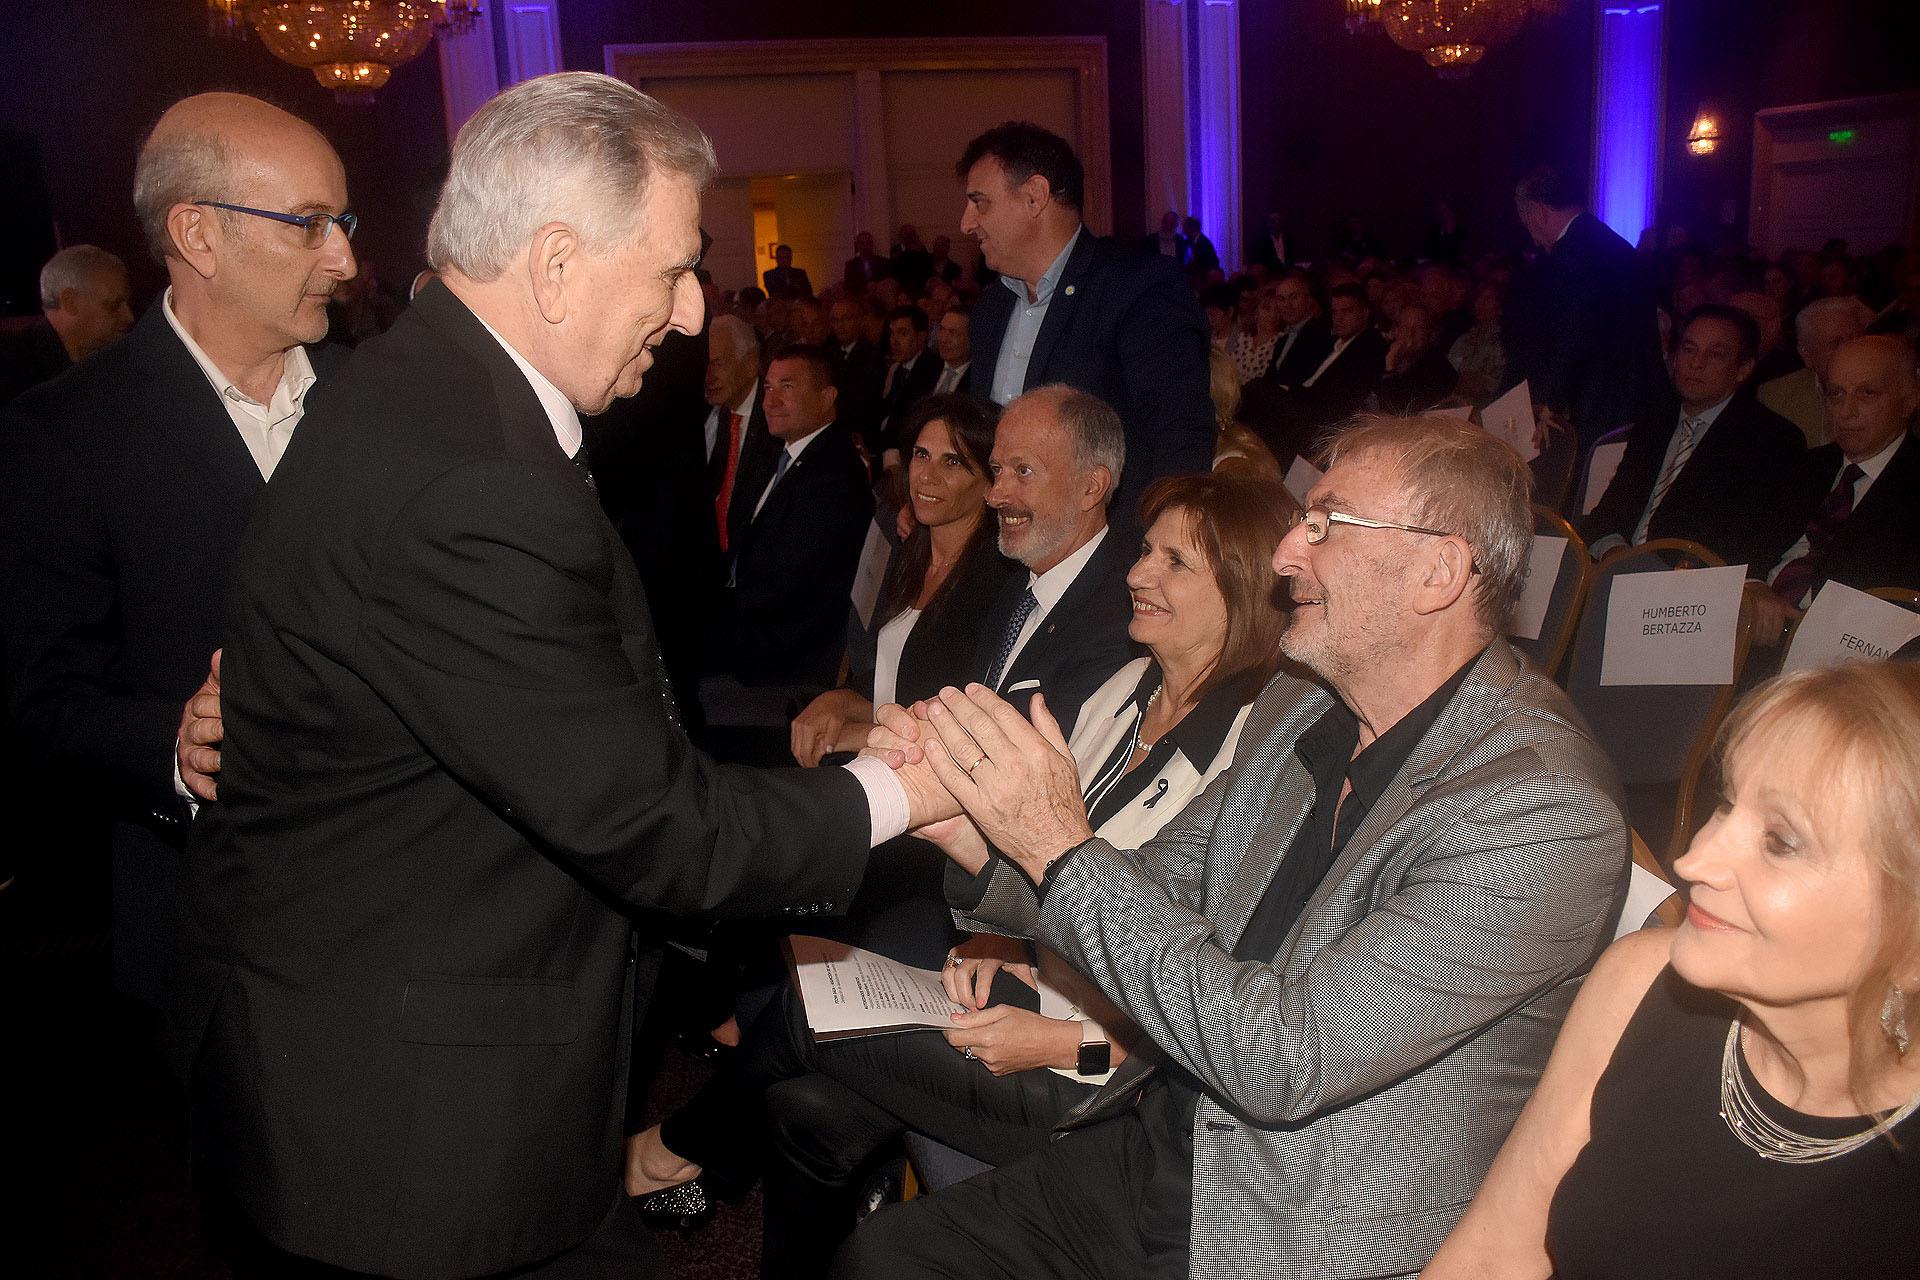 Alberto Hammerschlag saluda a Guillermo Yanco, vicepresidente del Museo del Holocausto y miembro de la Comisión Directiva del Club Político, y a su mujer, la ministra de Seguridad, Patricia Bullrich